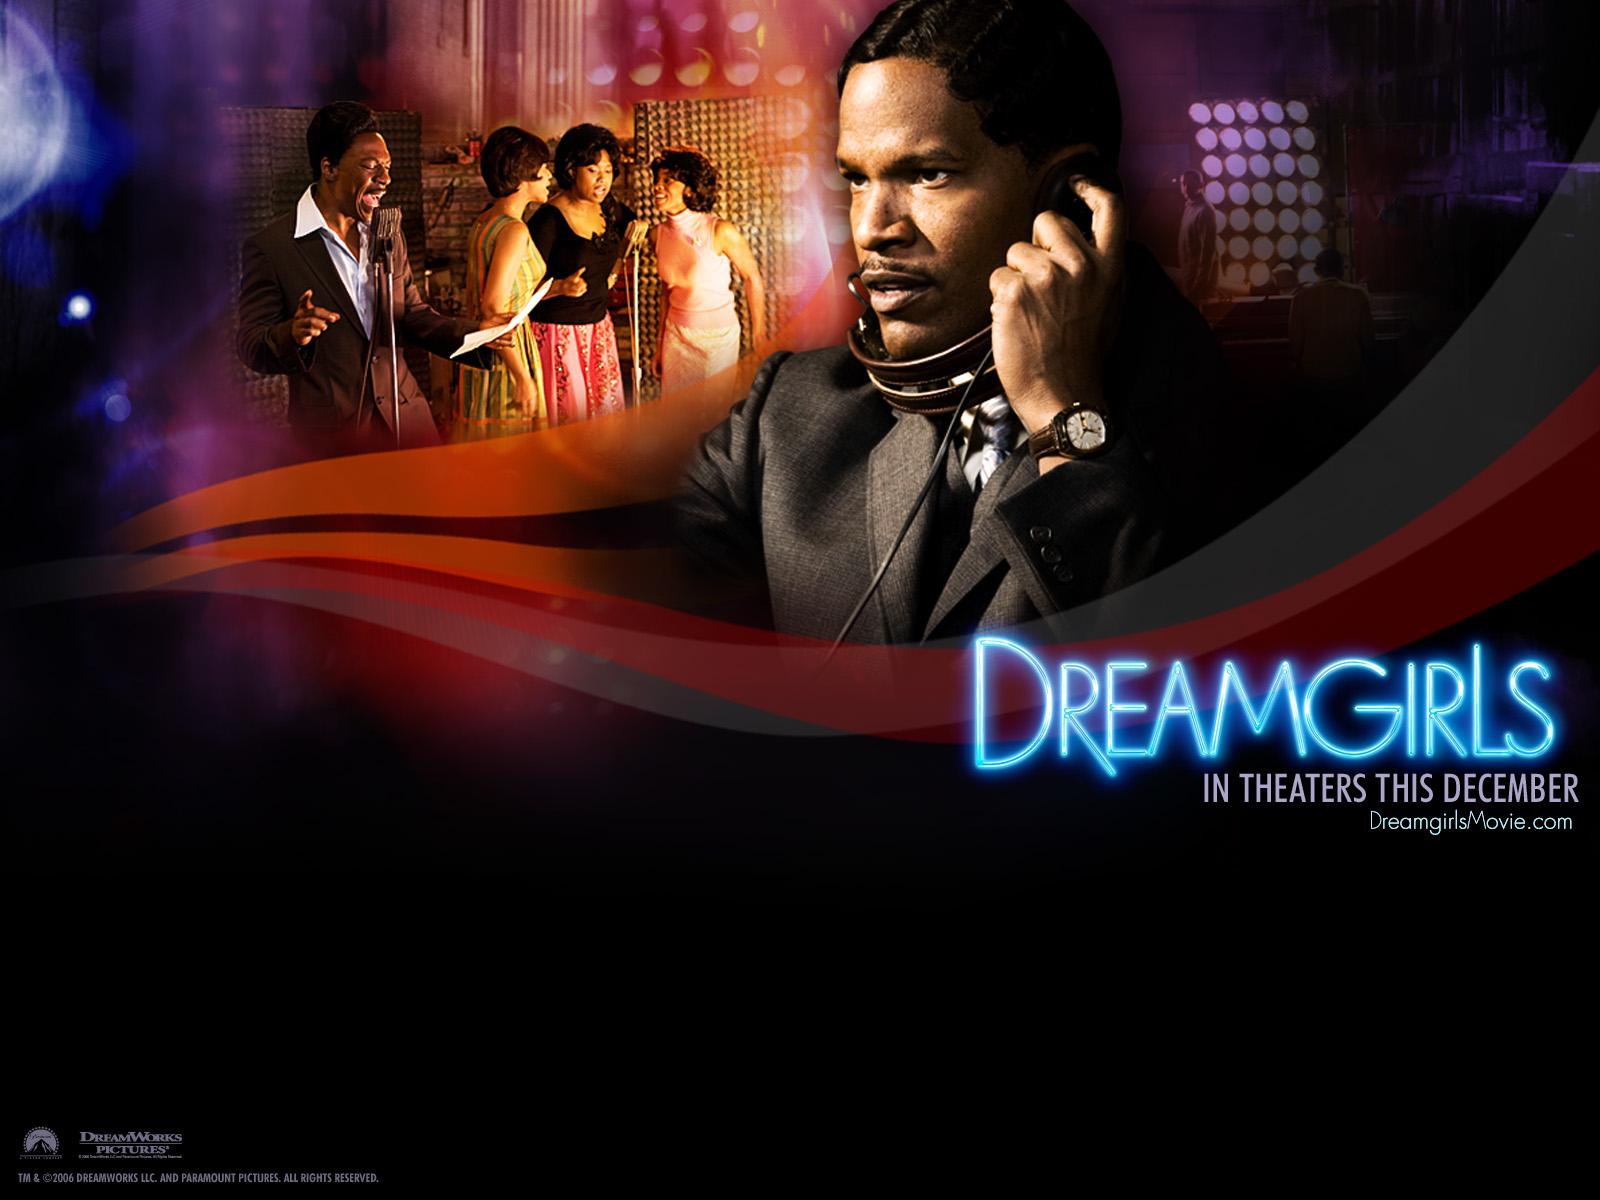 Скачать Девушки мечты, Dreamgirls, фильм, кино, фото, обои, картинка